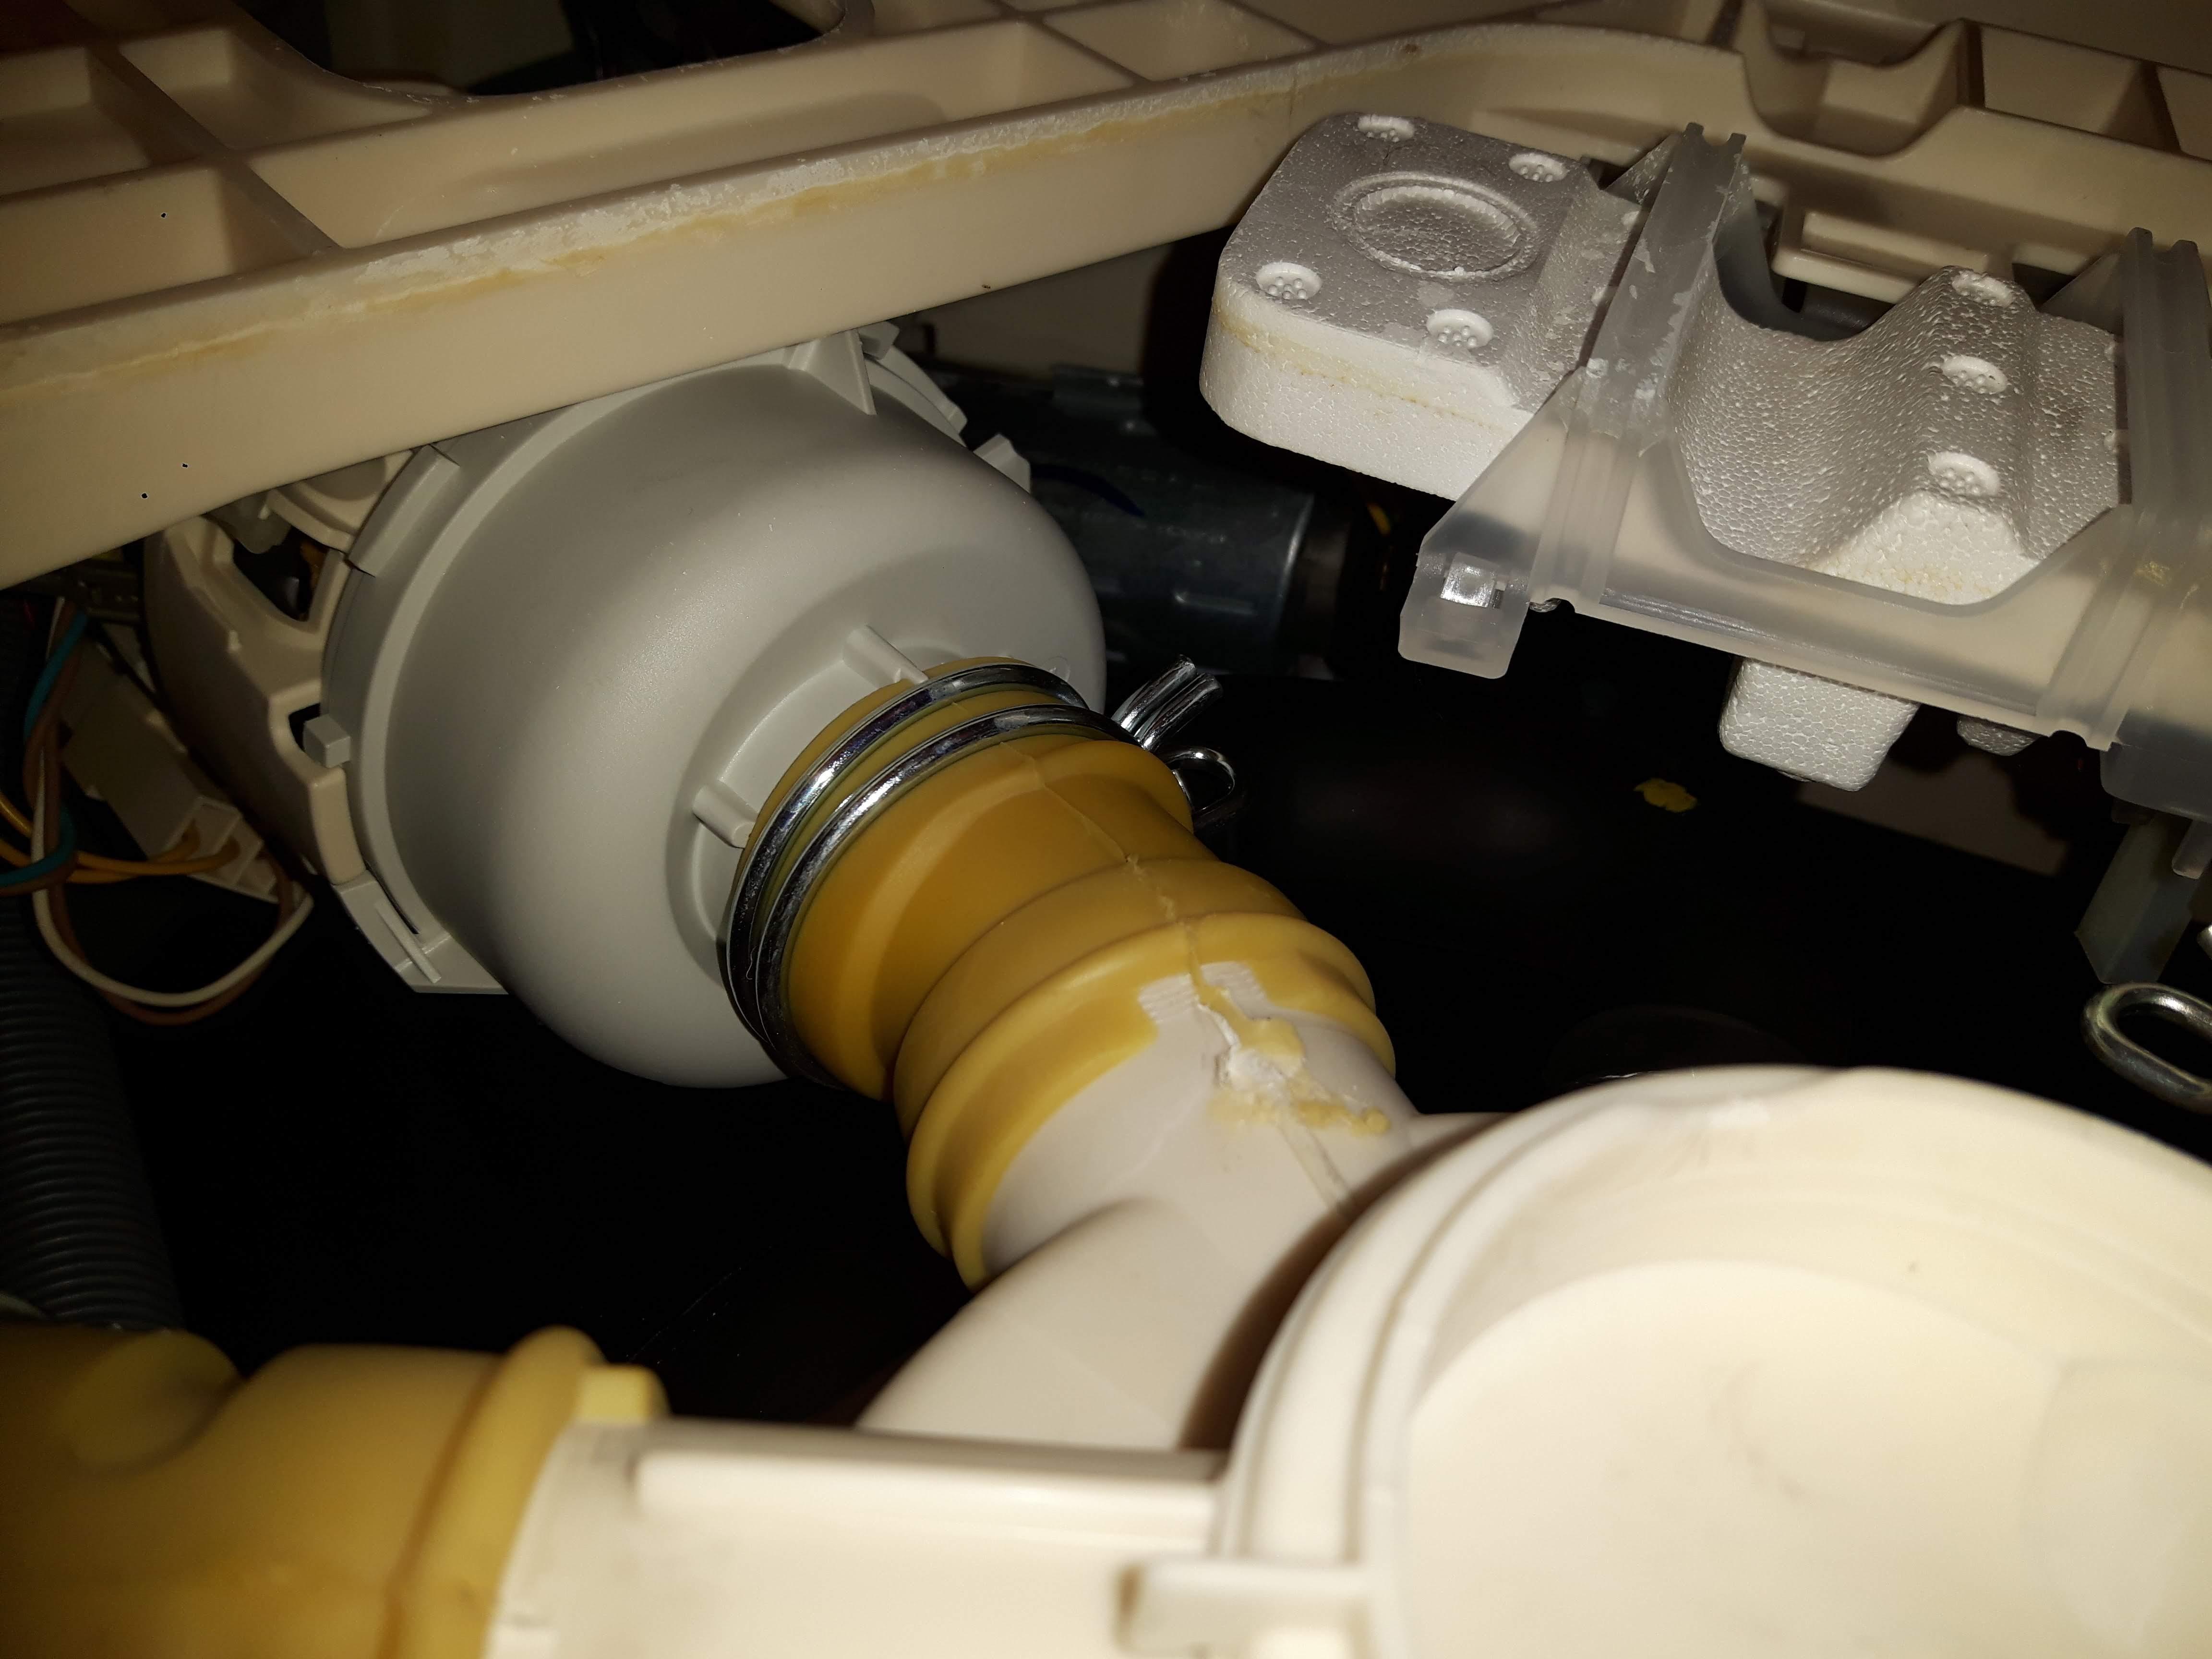 Lave Vaisselle Electrolux Asf 65090s Ne Chauffe Plus Résolu